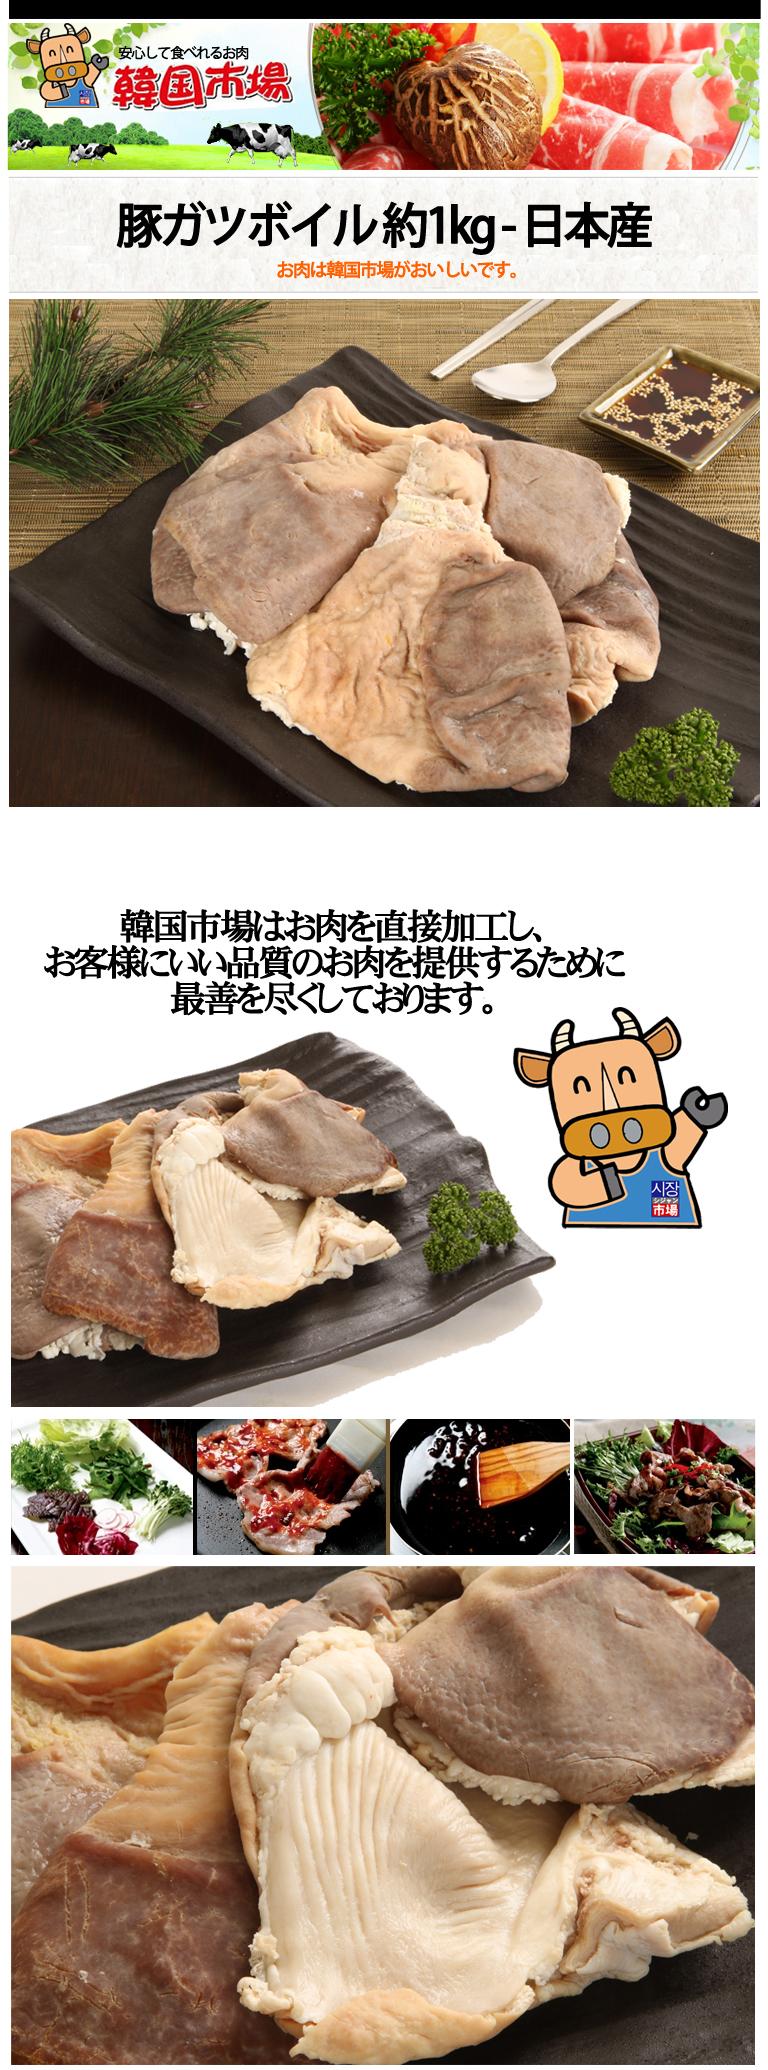 鉄板焼、煮込み、和え物などの料理にご利用いただけます。